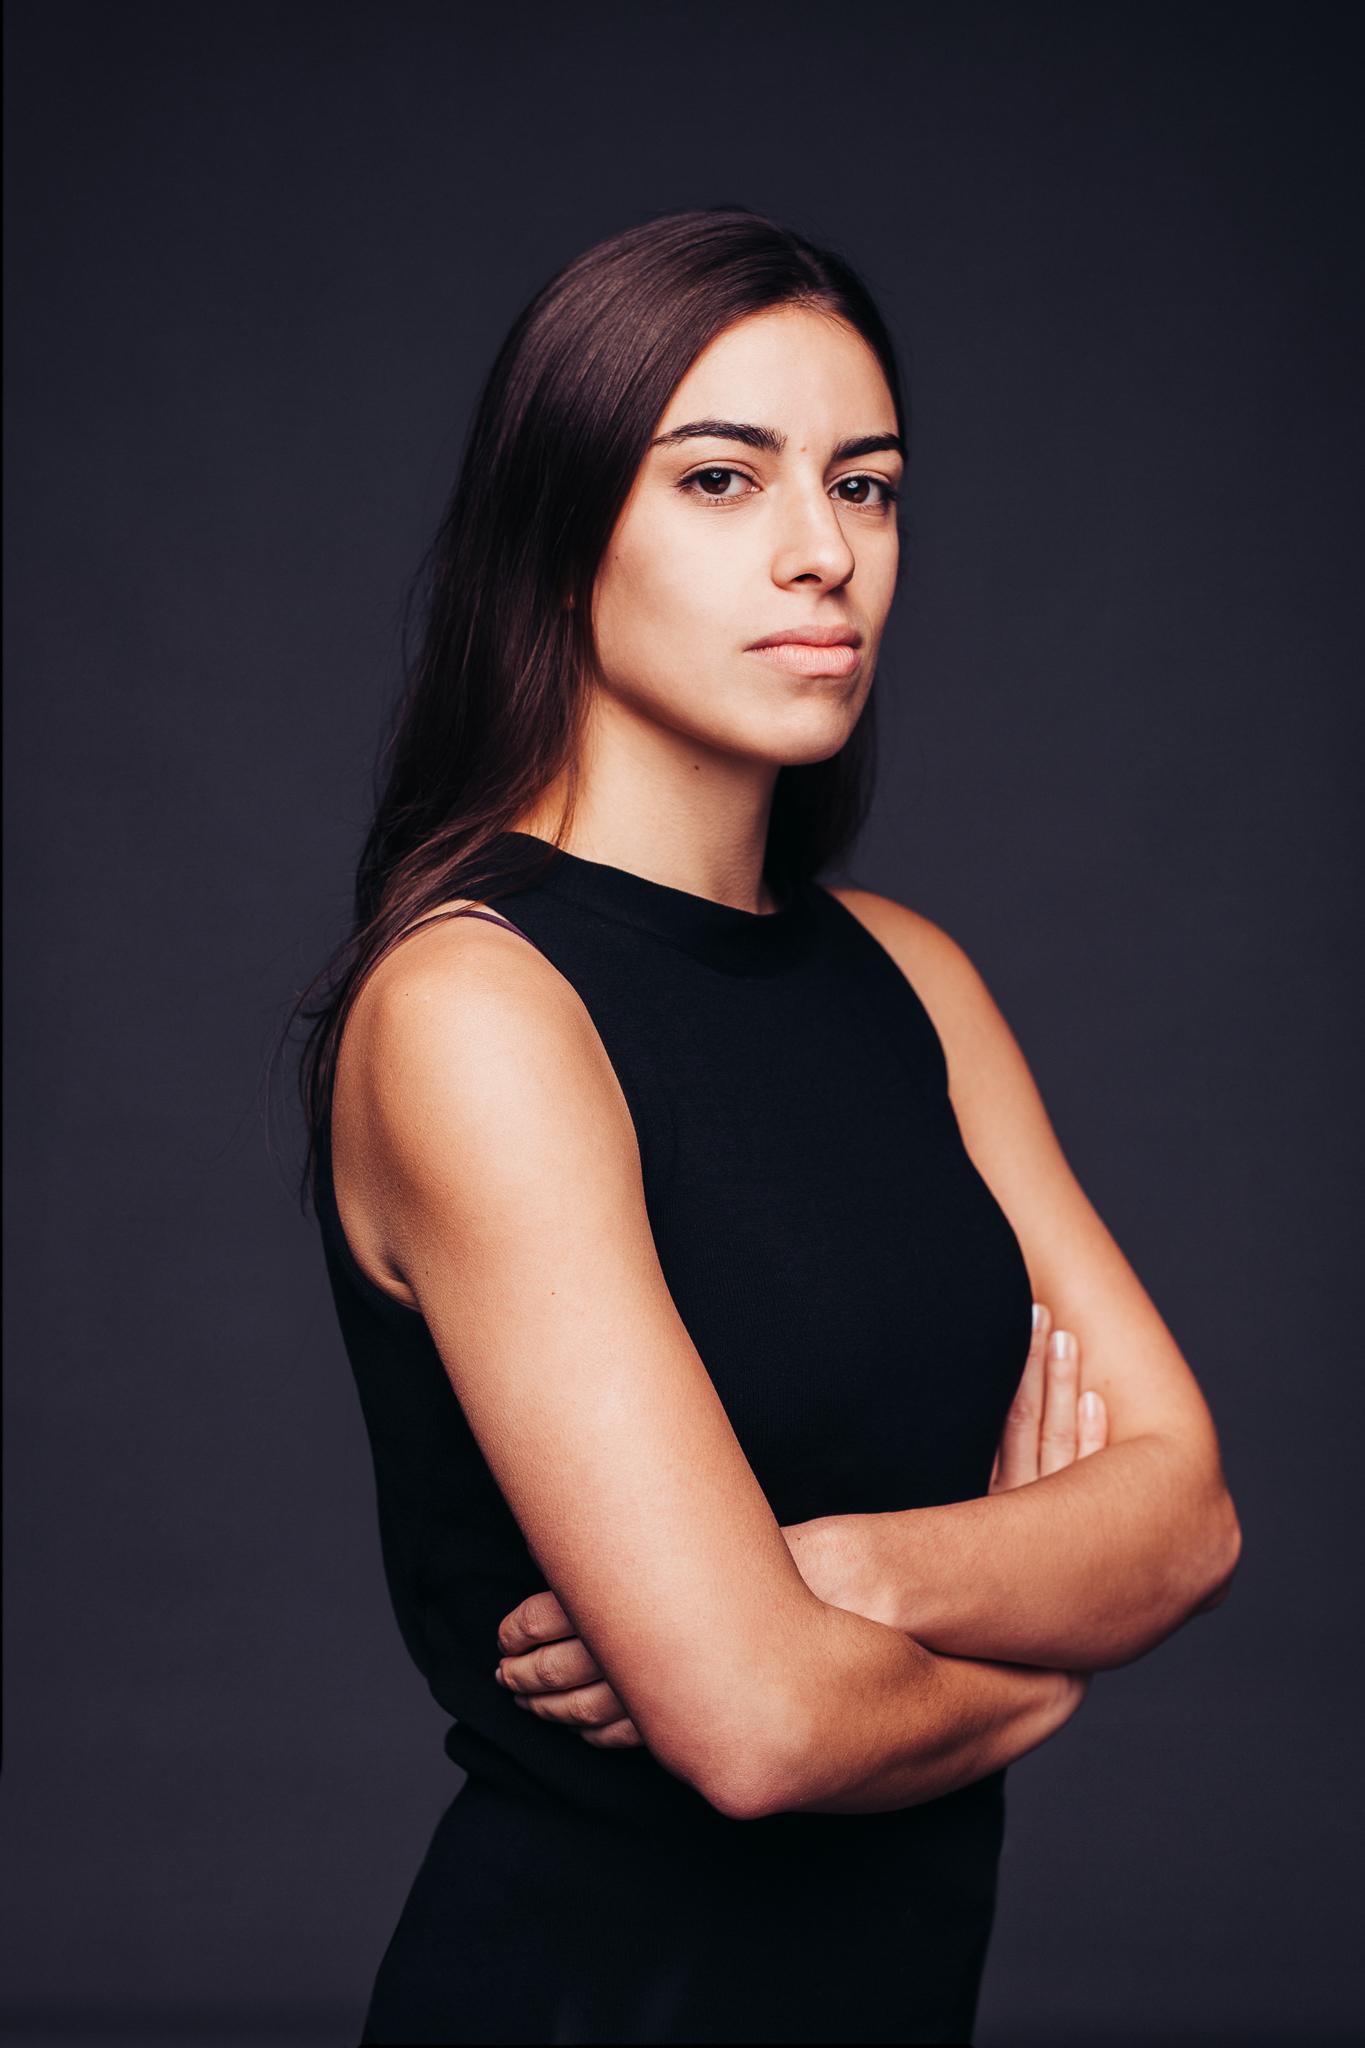 Camila-Pujol-Ochoa-by-HEIN-Photography-05-web.jpg